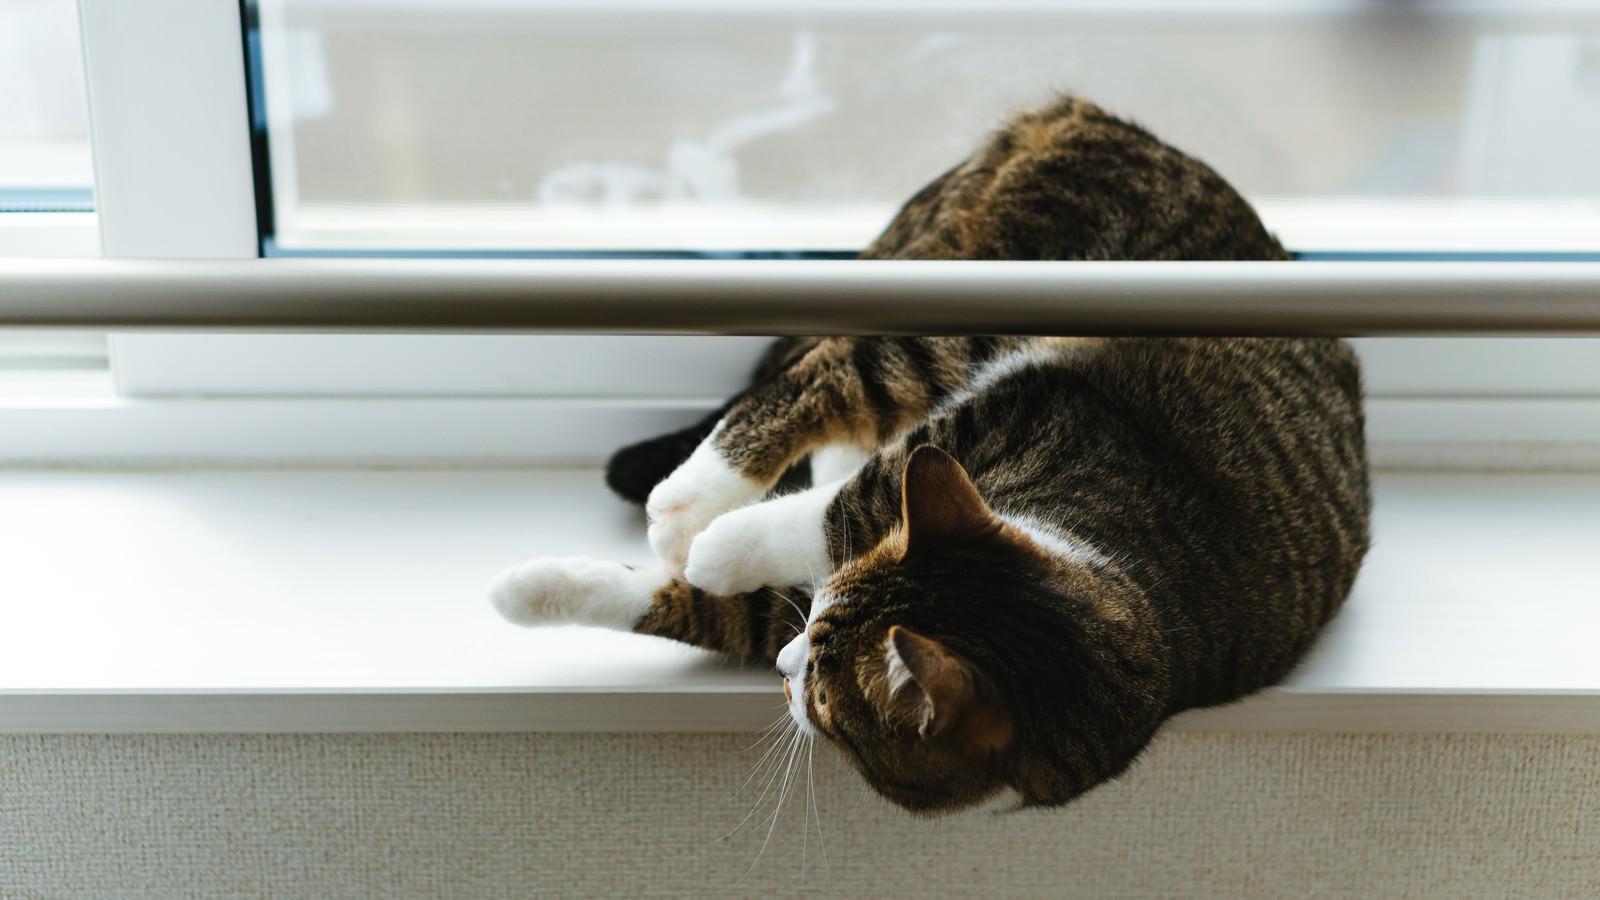 「出窓でゴロ寝する猫」の写真